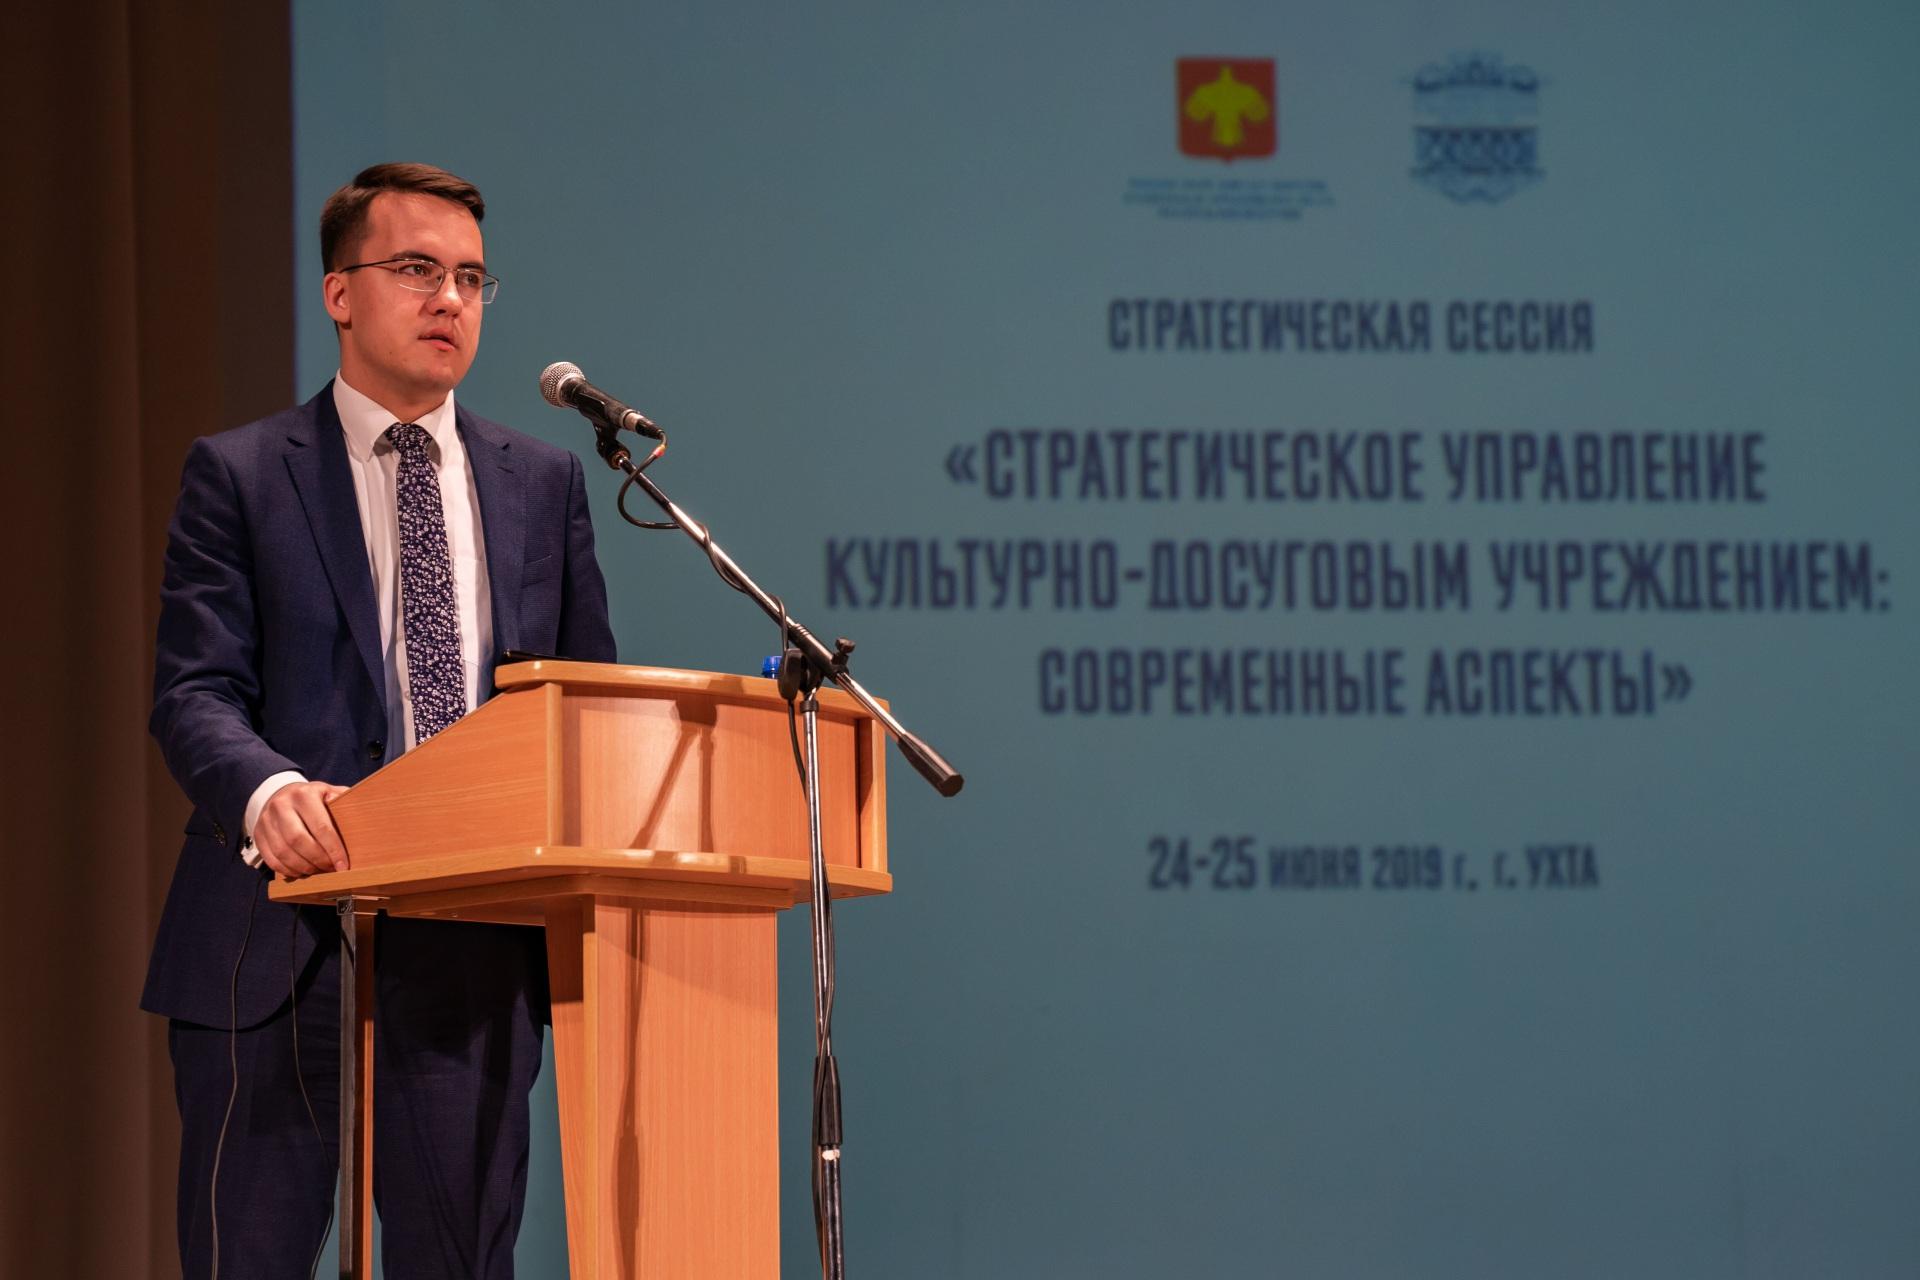 Strateg.sessiya_15.jpg